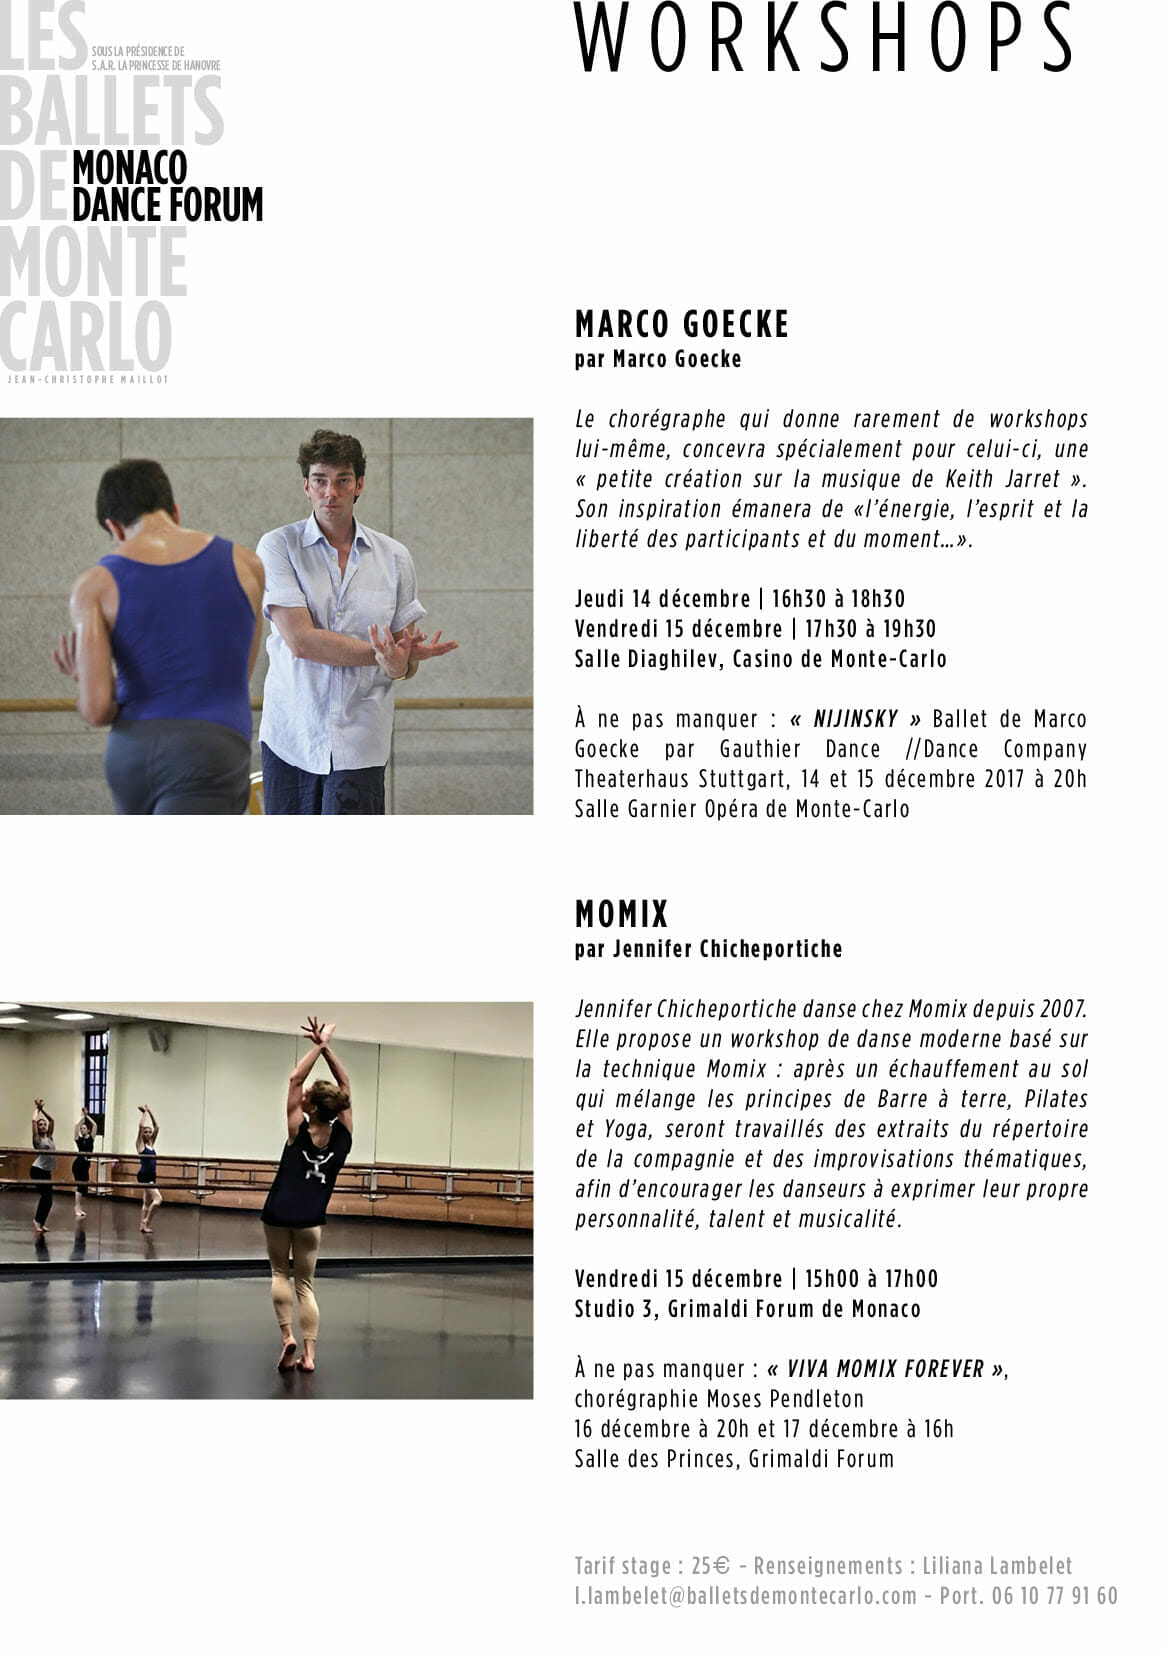 Мастер-классы и выступления в рамках Танцевального форума Монако